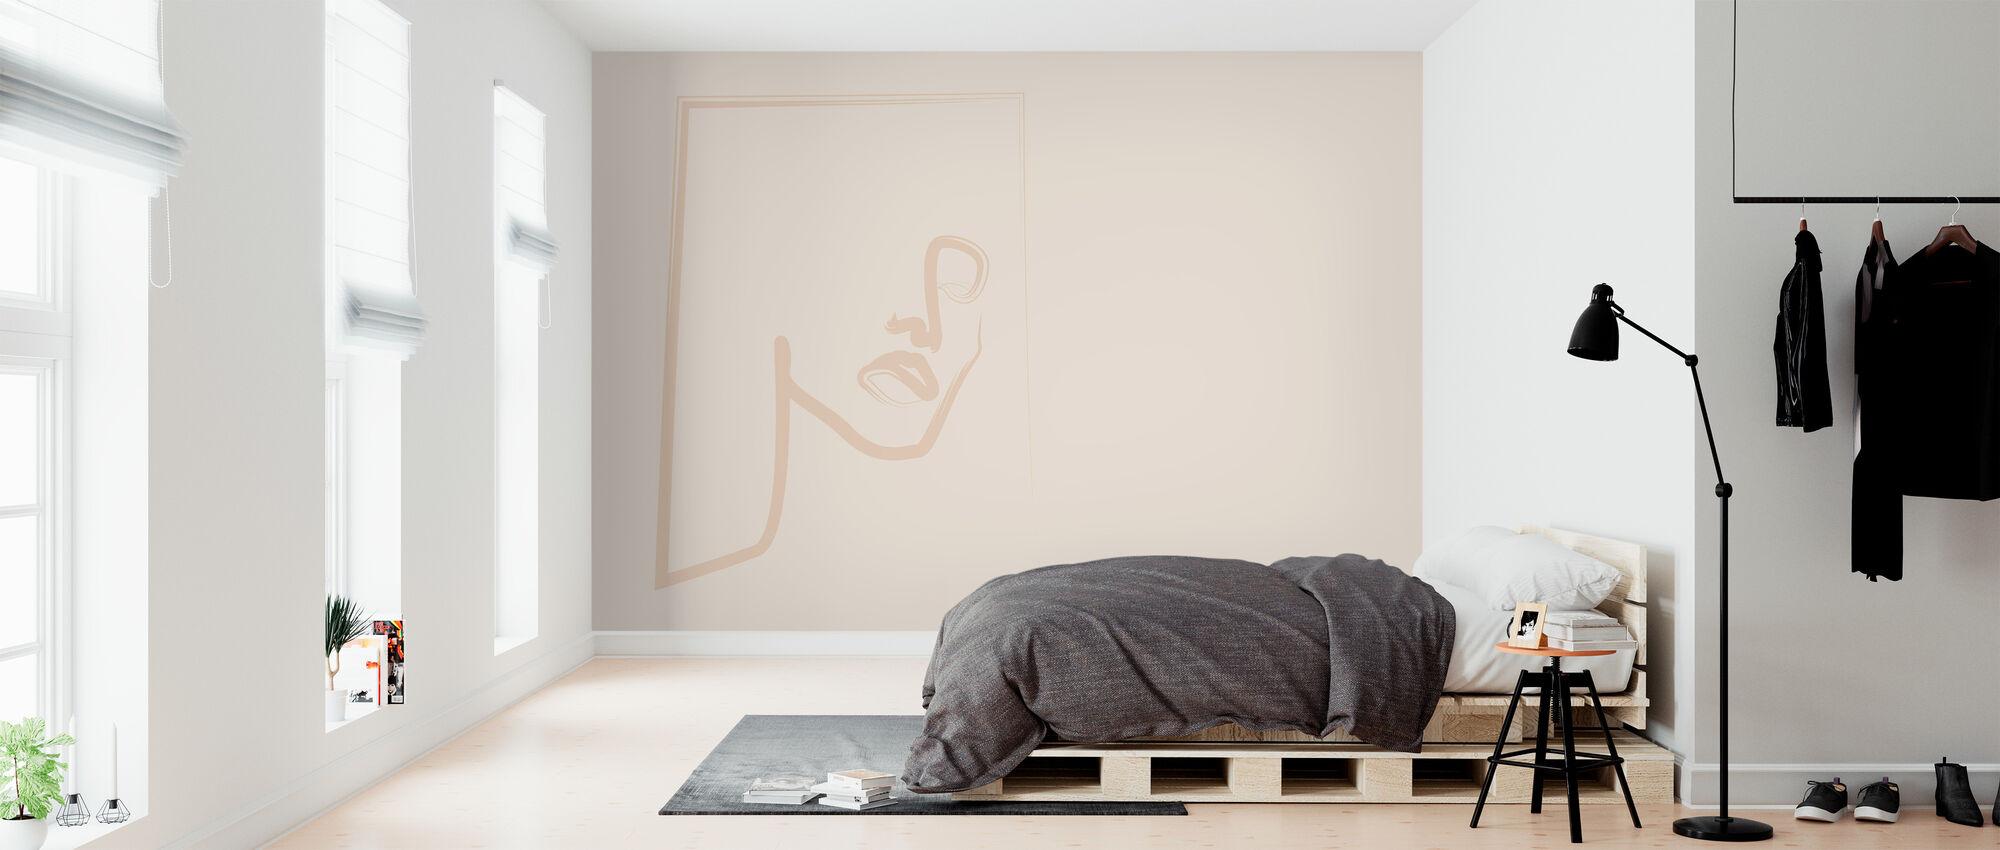 Allemaal van jou - Behang - Slaapkamer